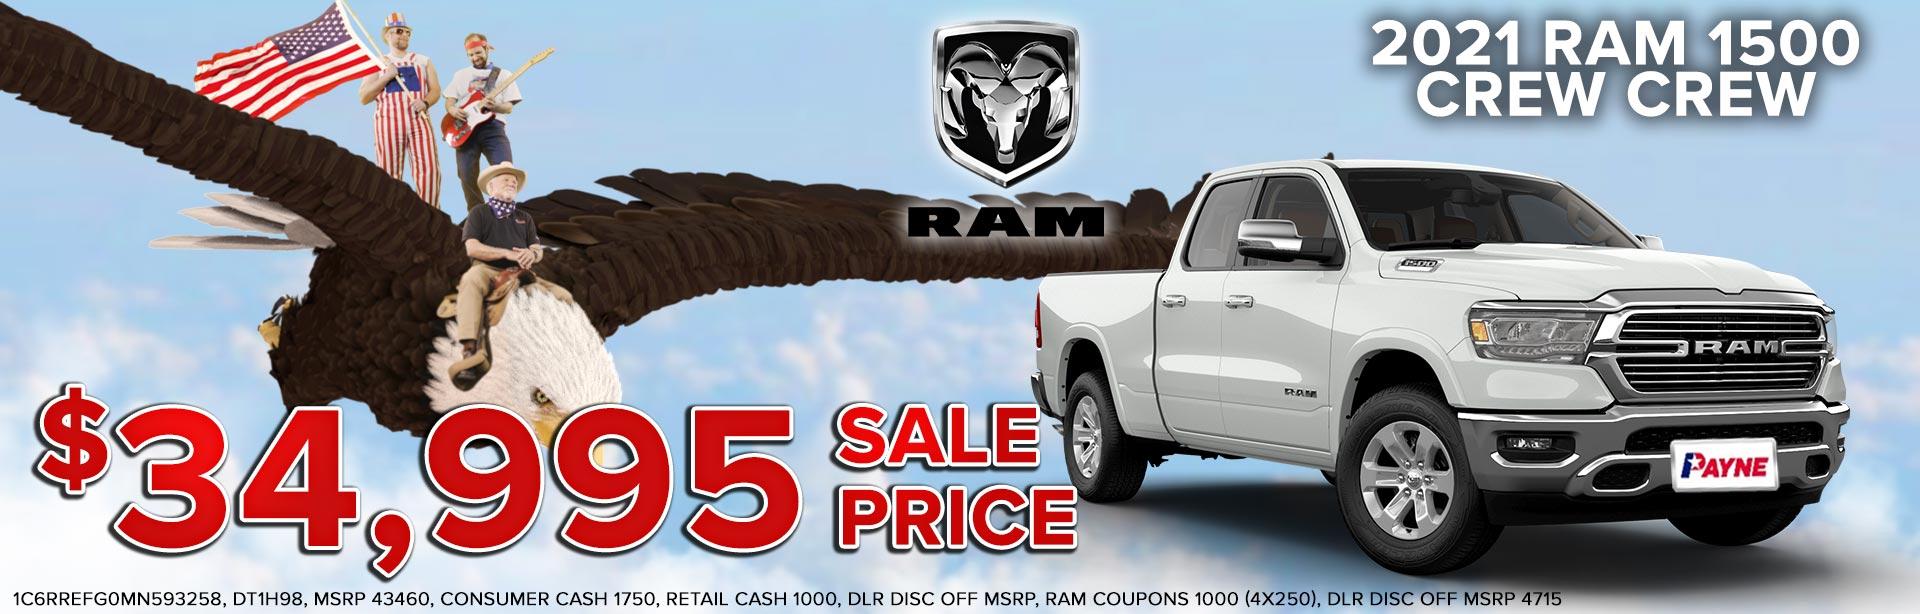 Get a 2021 RAM 1500 Crew Cab for $34,995!